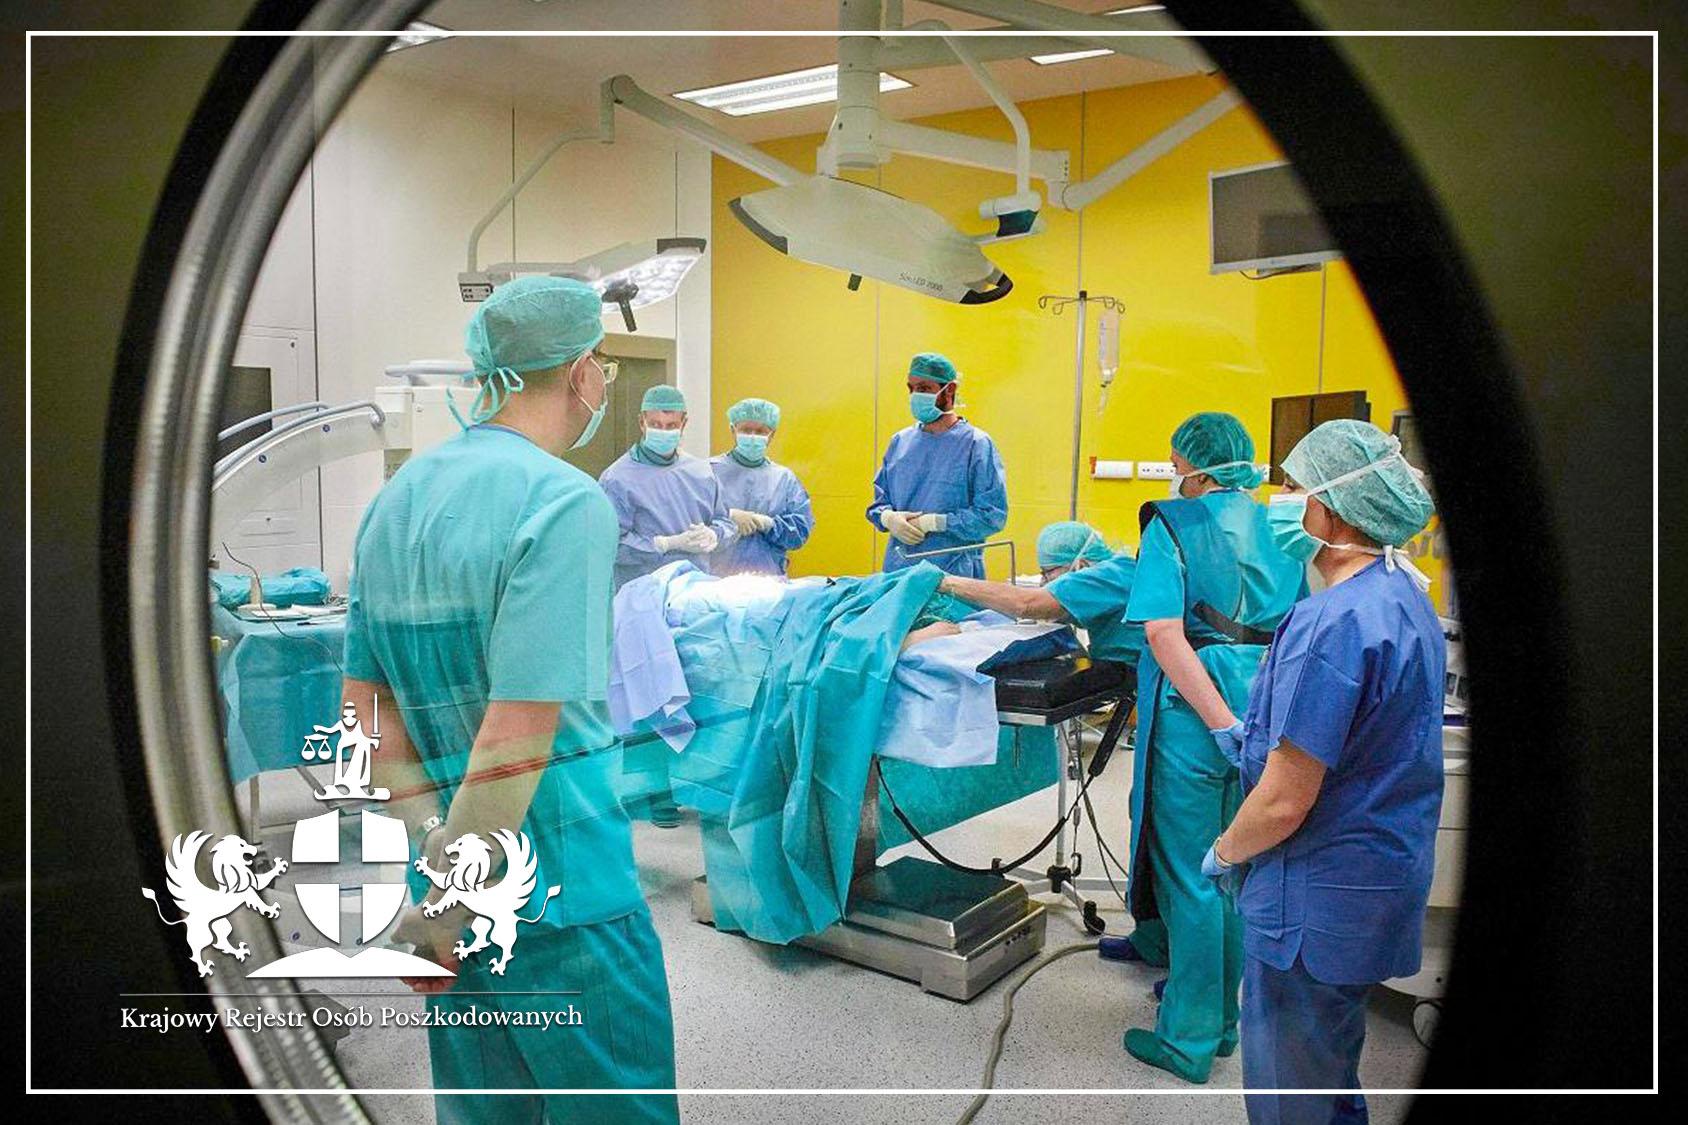 Błąd organizacyjny szpitala - na czym polega